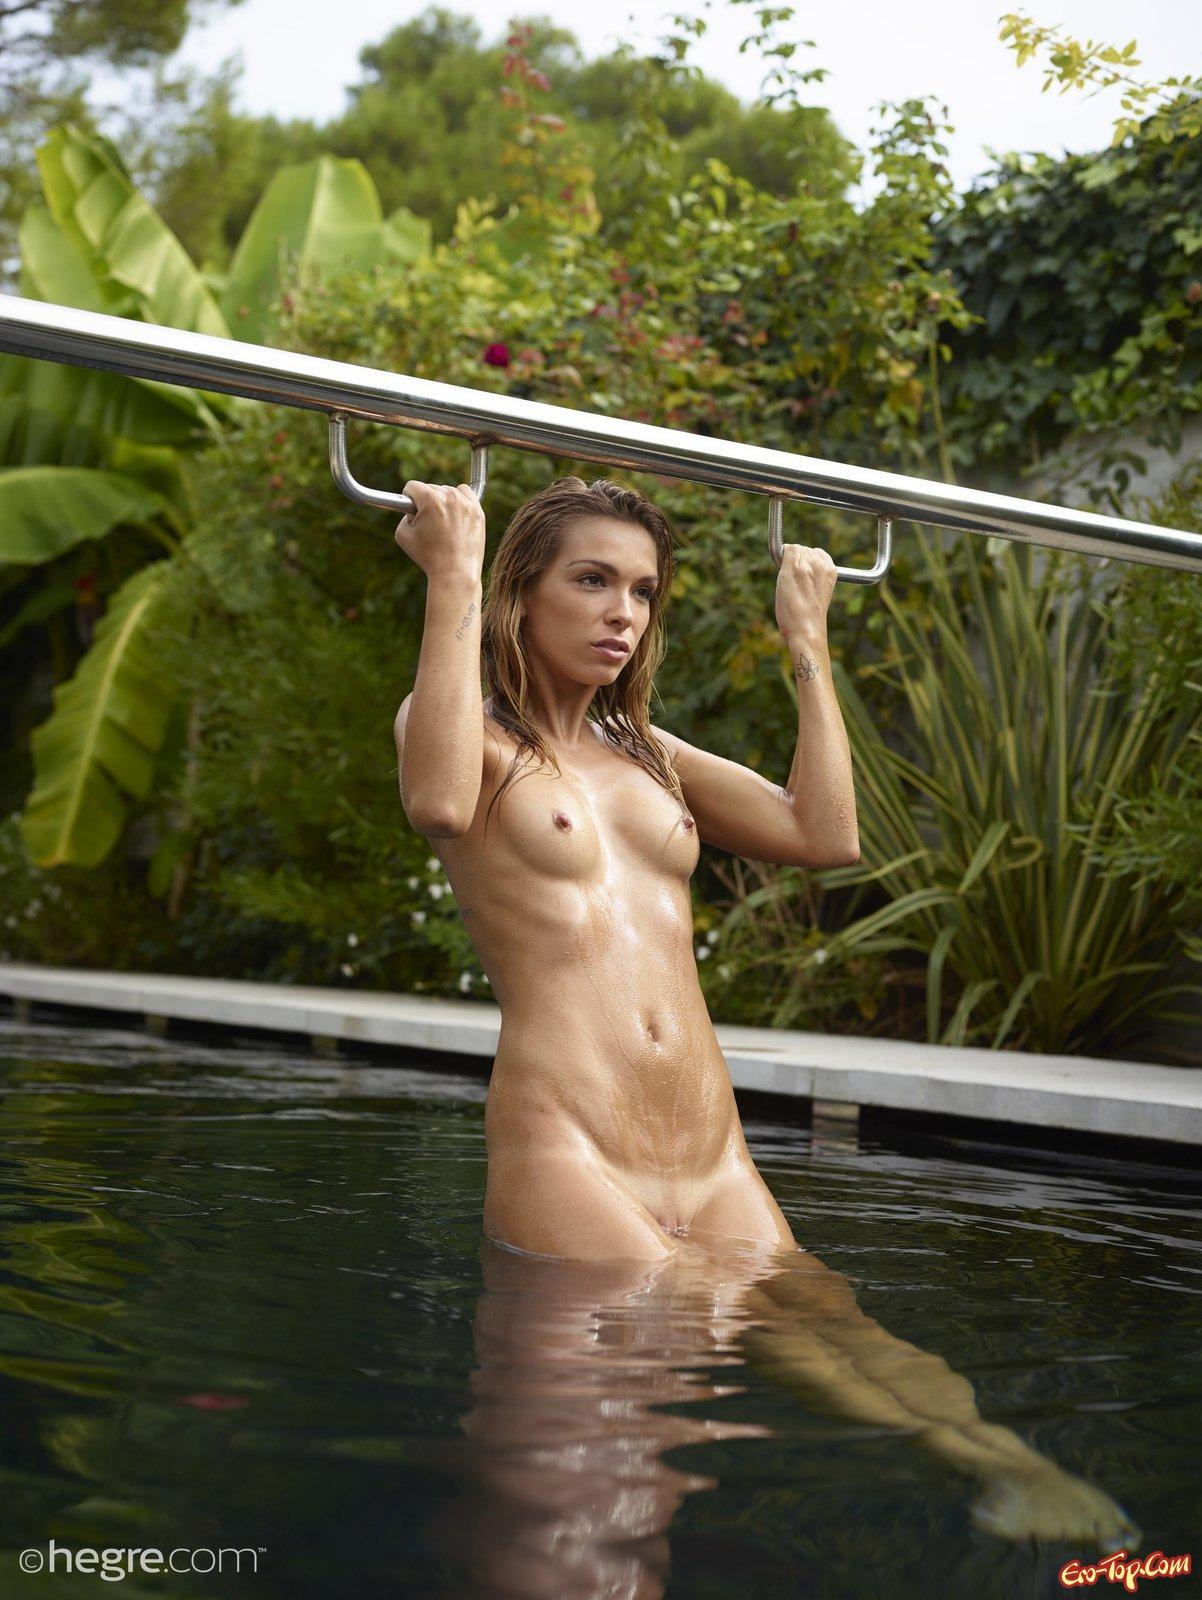 Раздетая мадам откровенно купается и делает селфи в бассейне